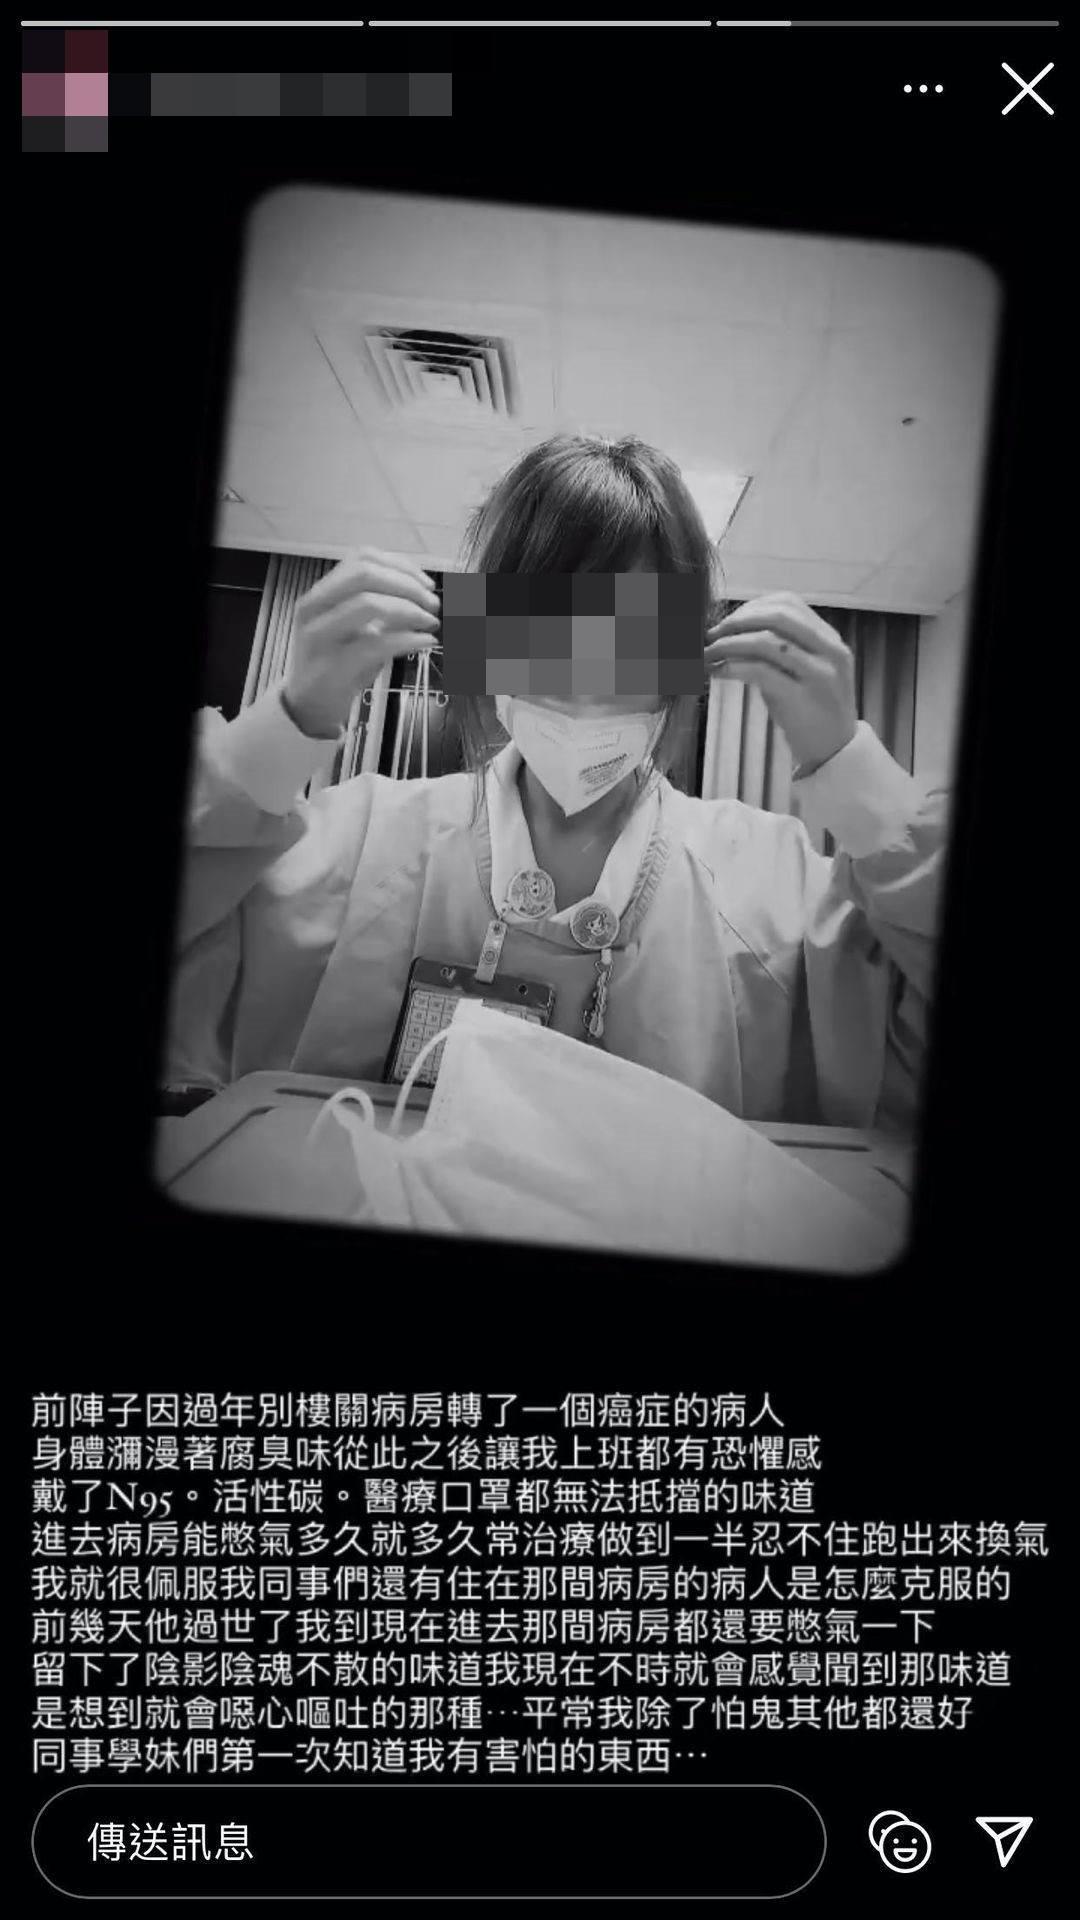 陽明交通大學附設醫院護理師嫌棄已逝病患。(翻攝自被爆料護理師IG)